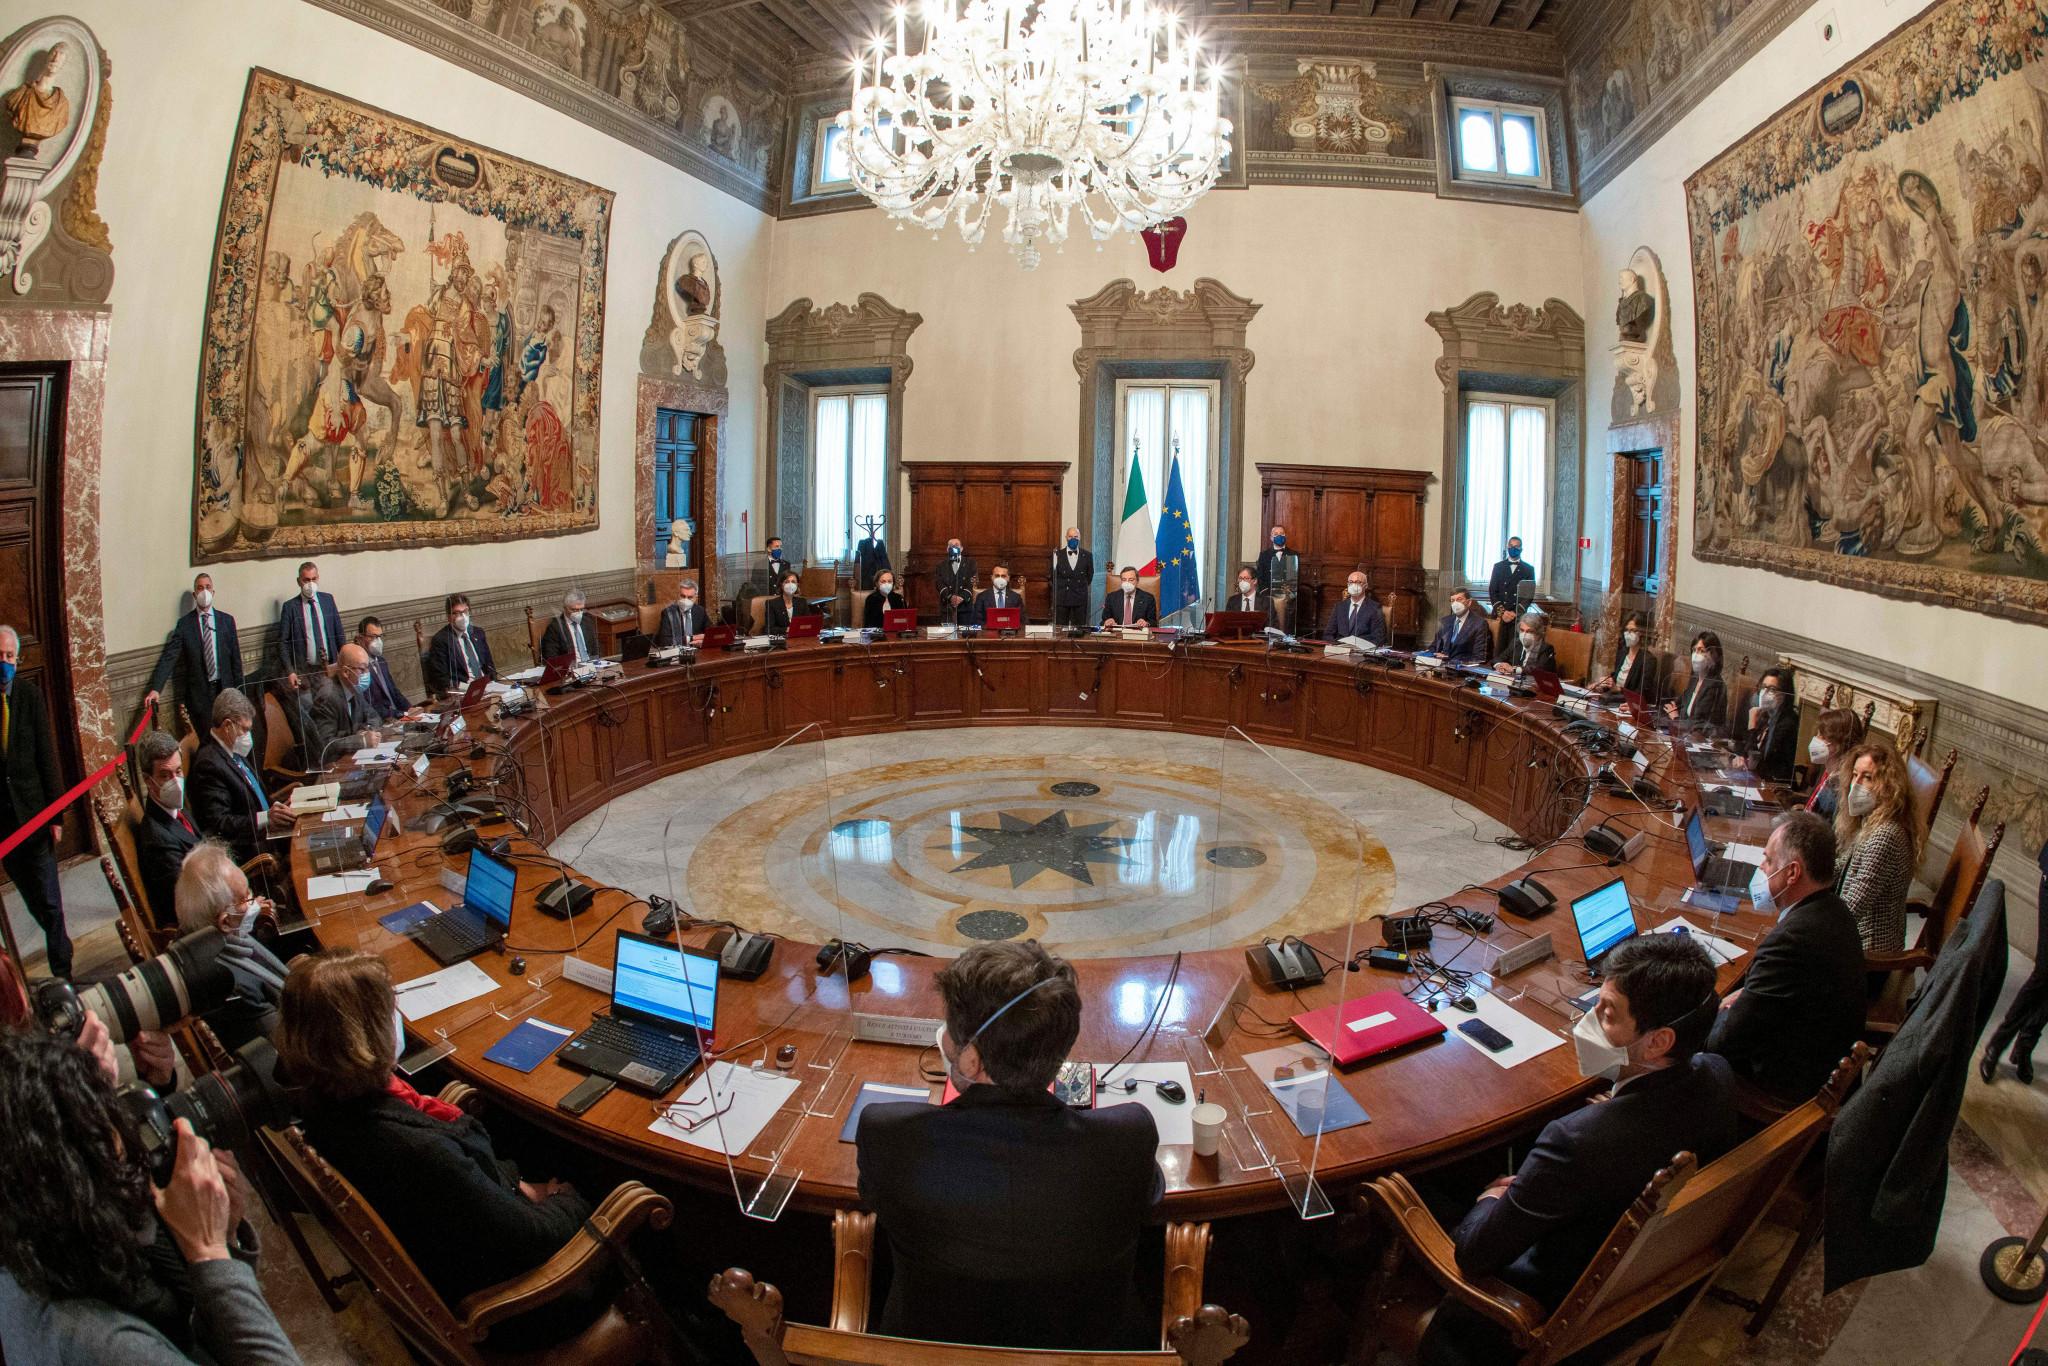 Il nuovo gabinetto è stato inaugurato ieri in Italia © Getty Images